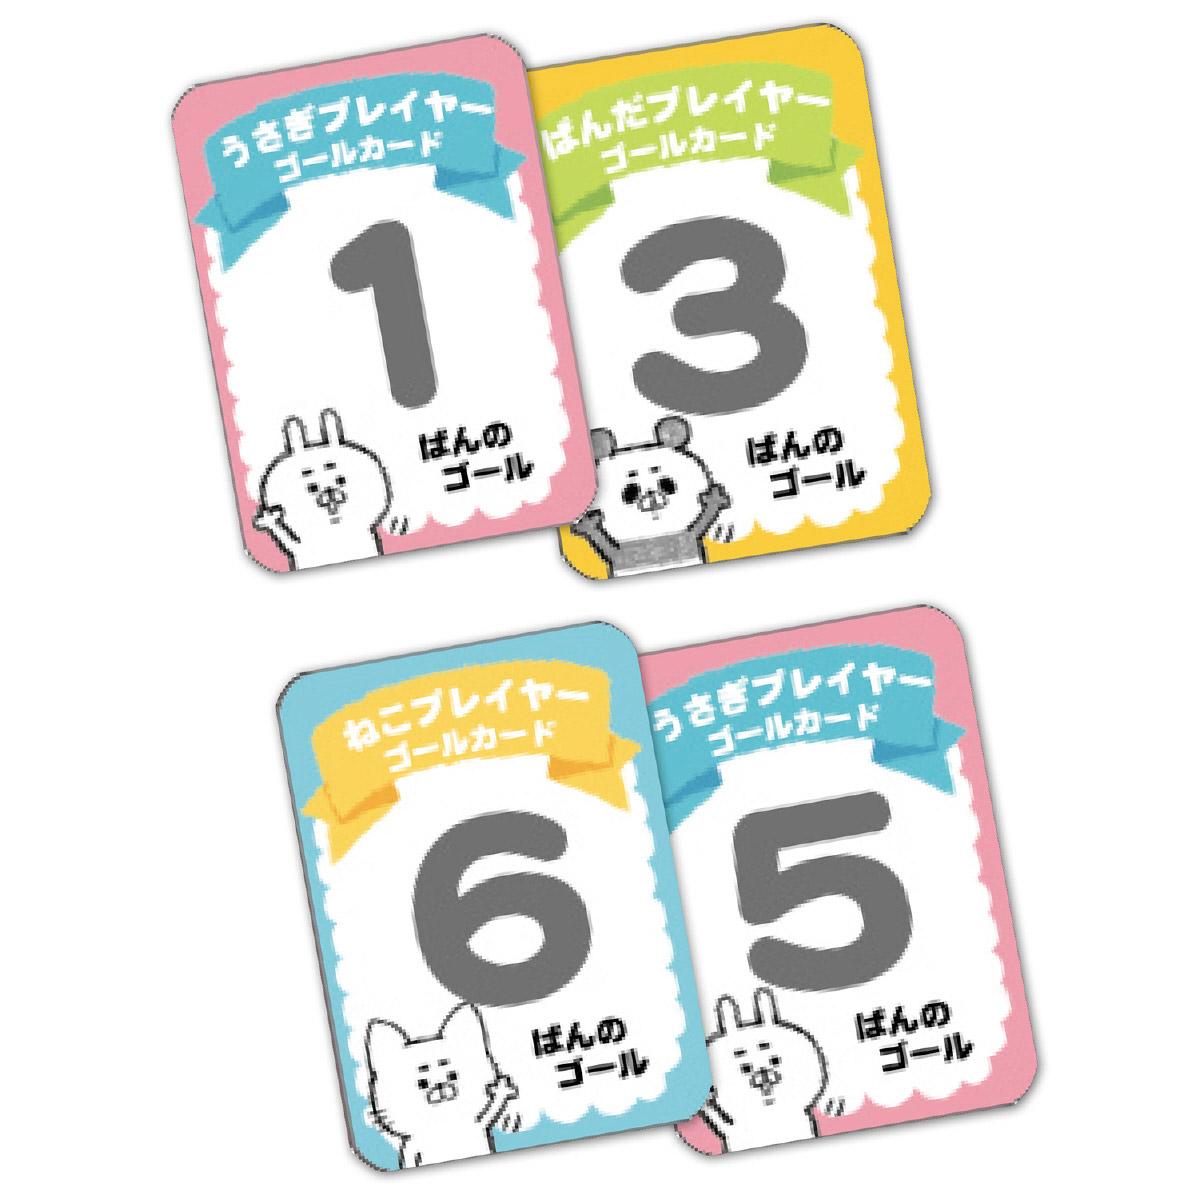 ばくしょう!ことばつなぎ カード ゲーム 幼児 言葉つなぎ 知育玩具 おもちゃ 勉強 学習 遊び 正月 カードゲーム 小学生 クリスマスプレゼント